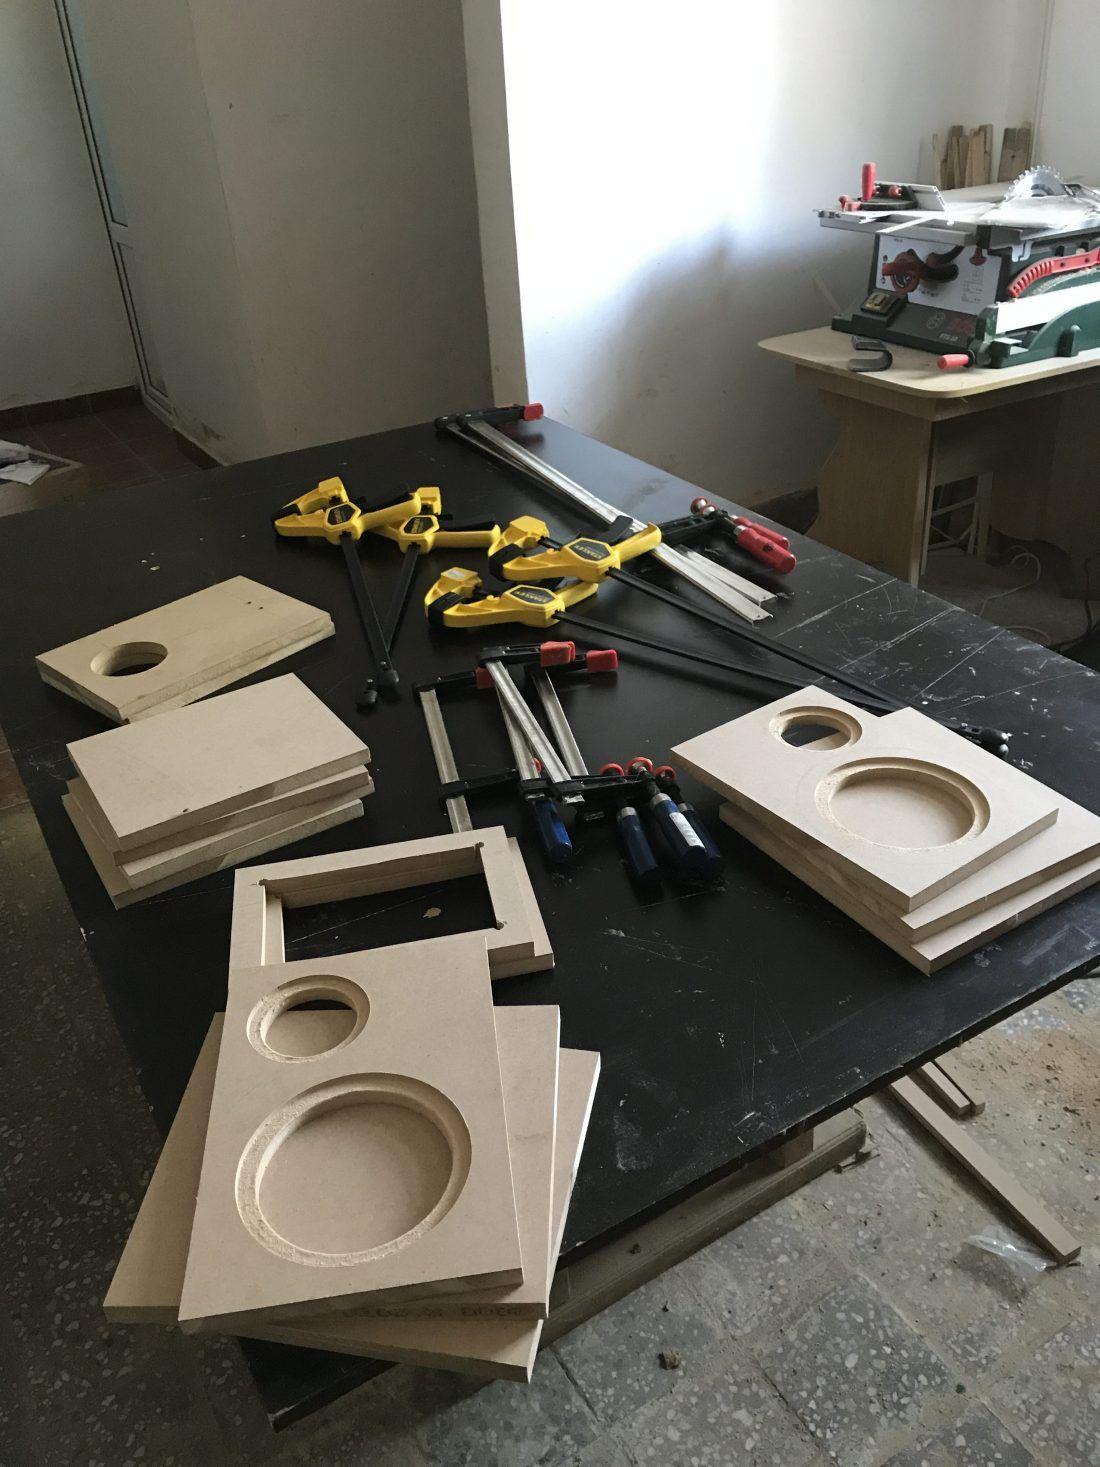 DIY speaker plans 2 way bookshelf kit Diy speakers